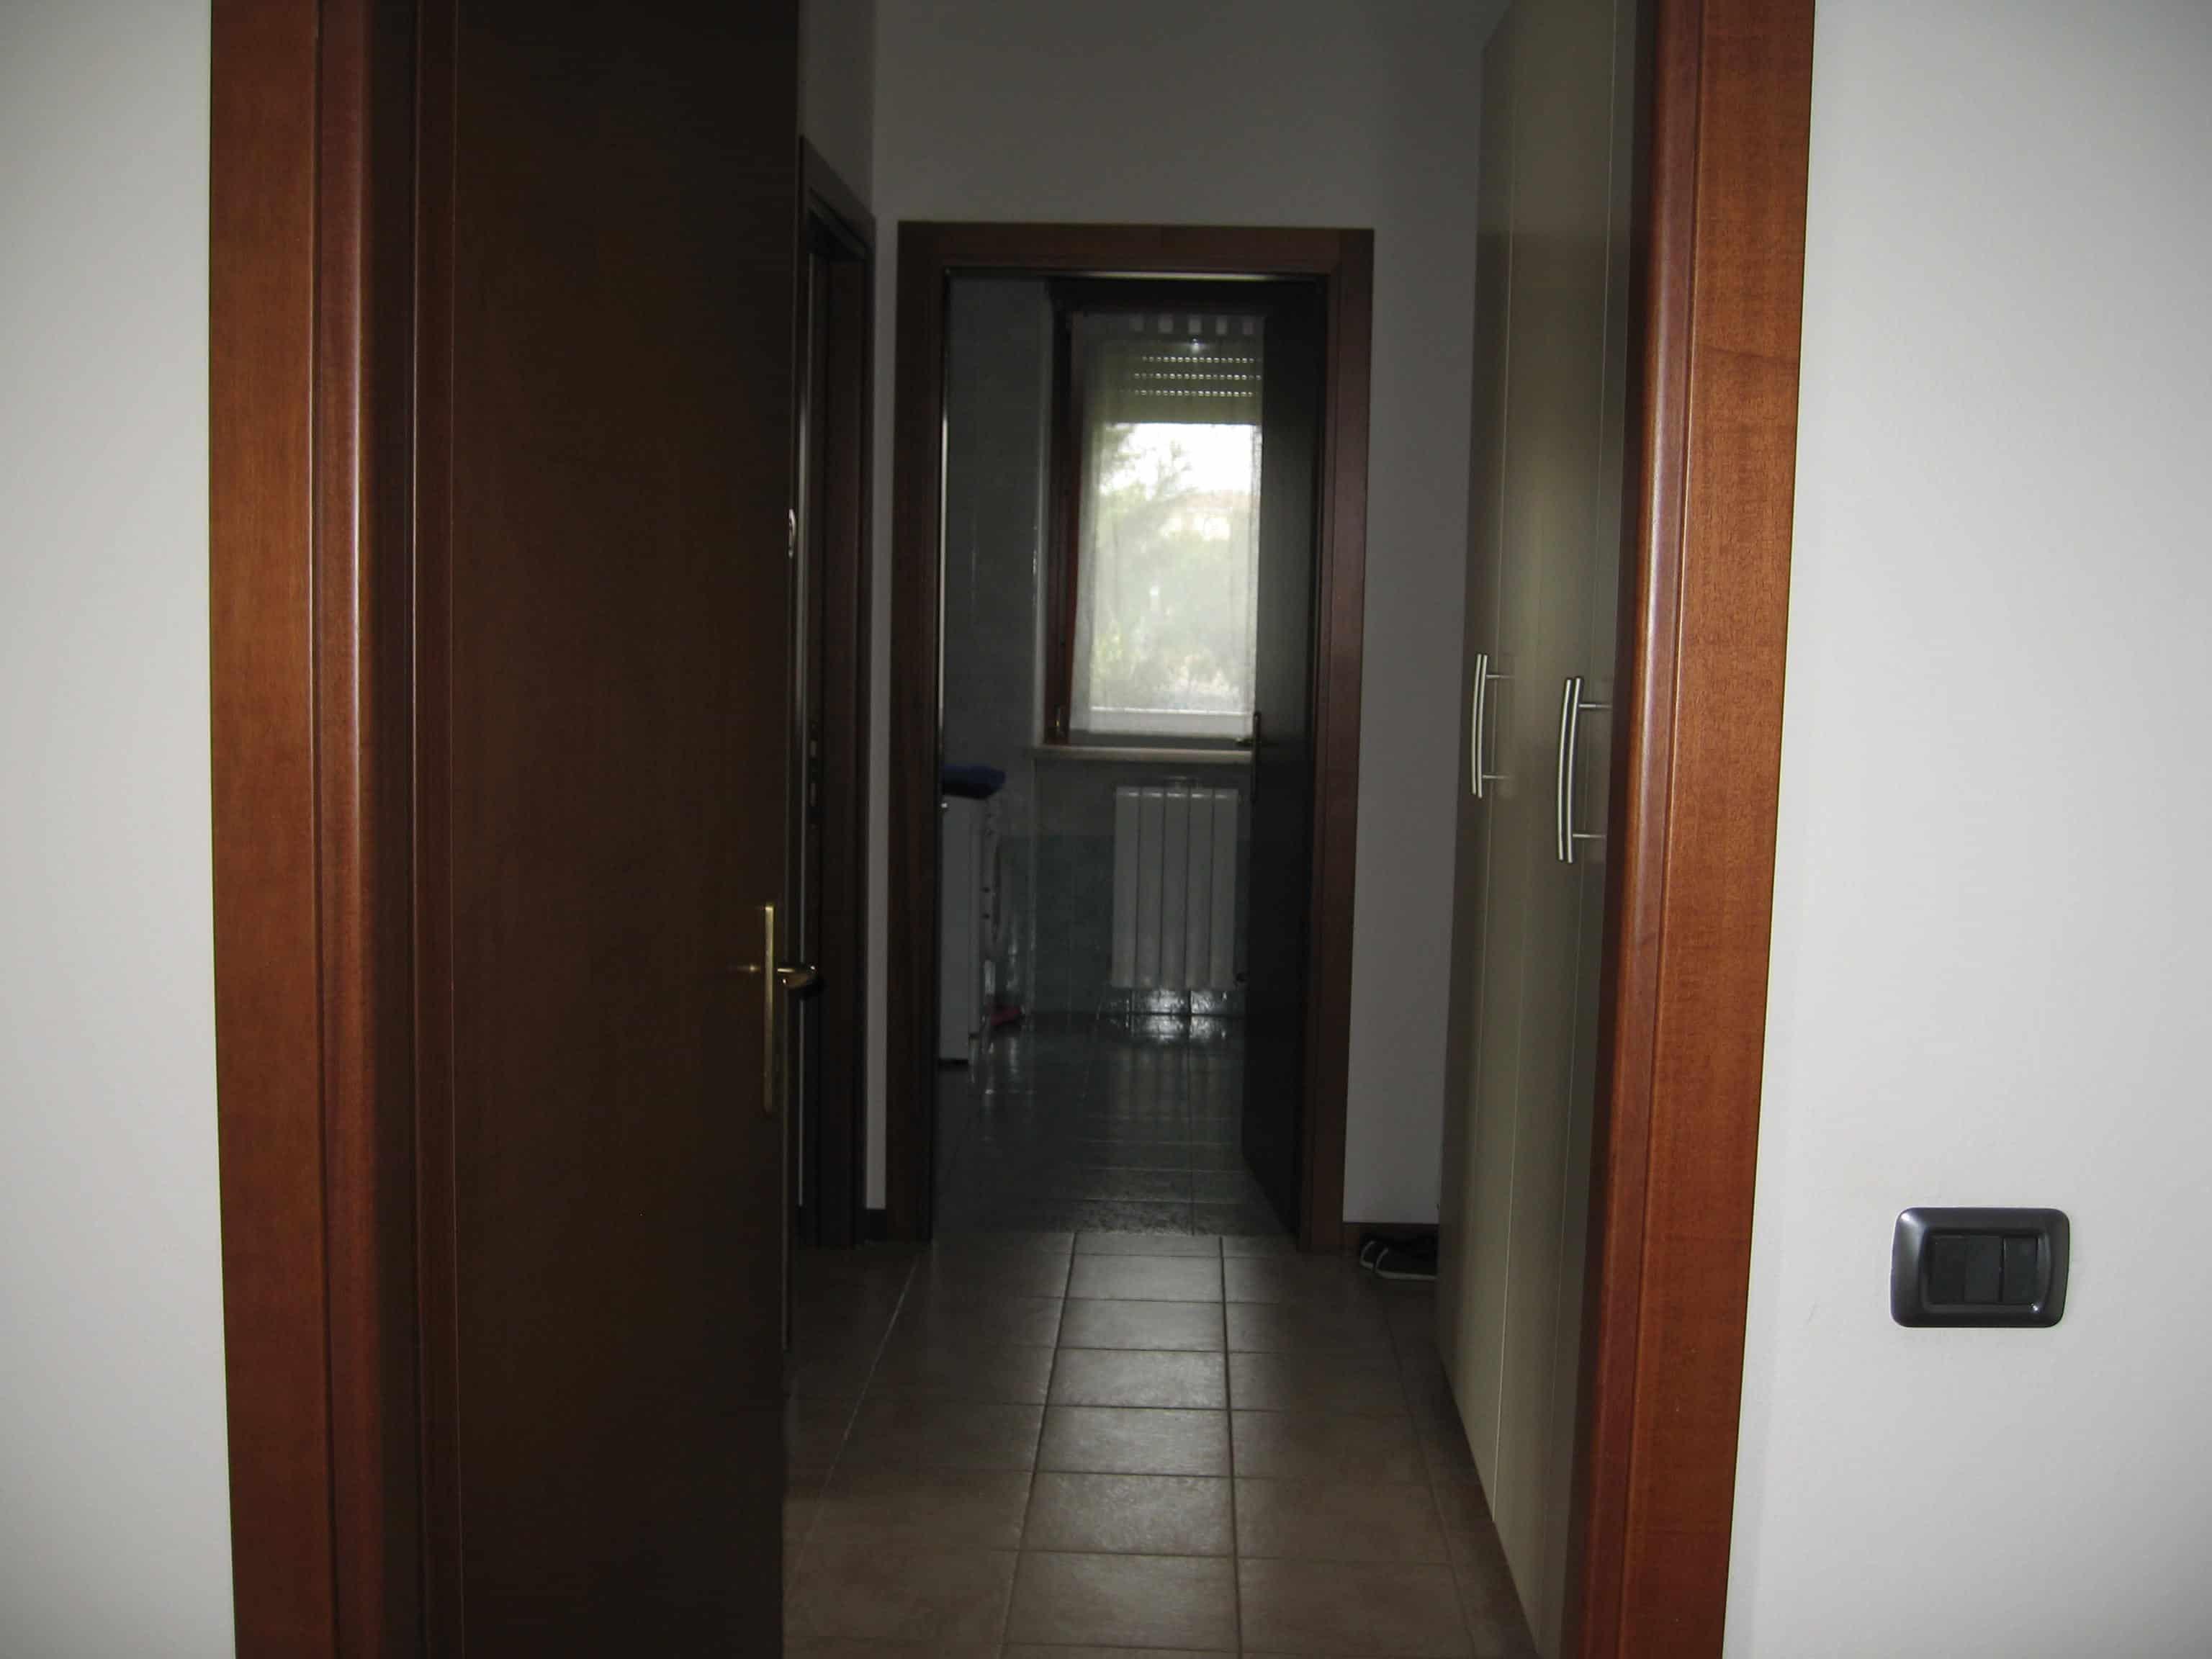 Appartamento per studenti Strada Le Grazie Verona - Corridoio